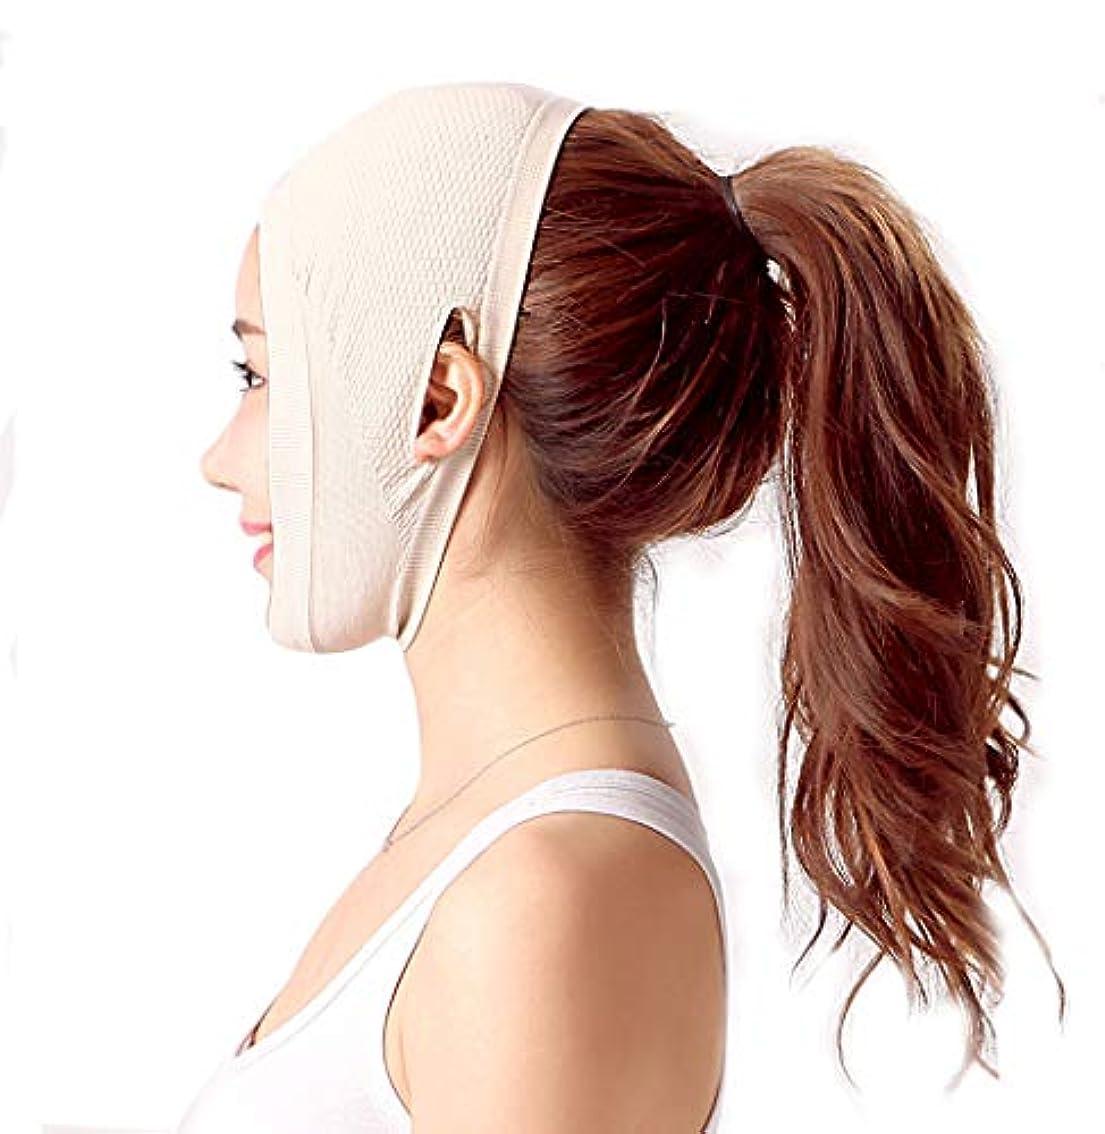 惑星ドキュメンタリー木製GLJJQMY フェイスリフティング包帯術後回復マスクリフティング包帯薄い顔アーティファクト薄い二重あご薄い筋肉マスク 顔用整形マスク (Color : Skin tone(A))